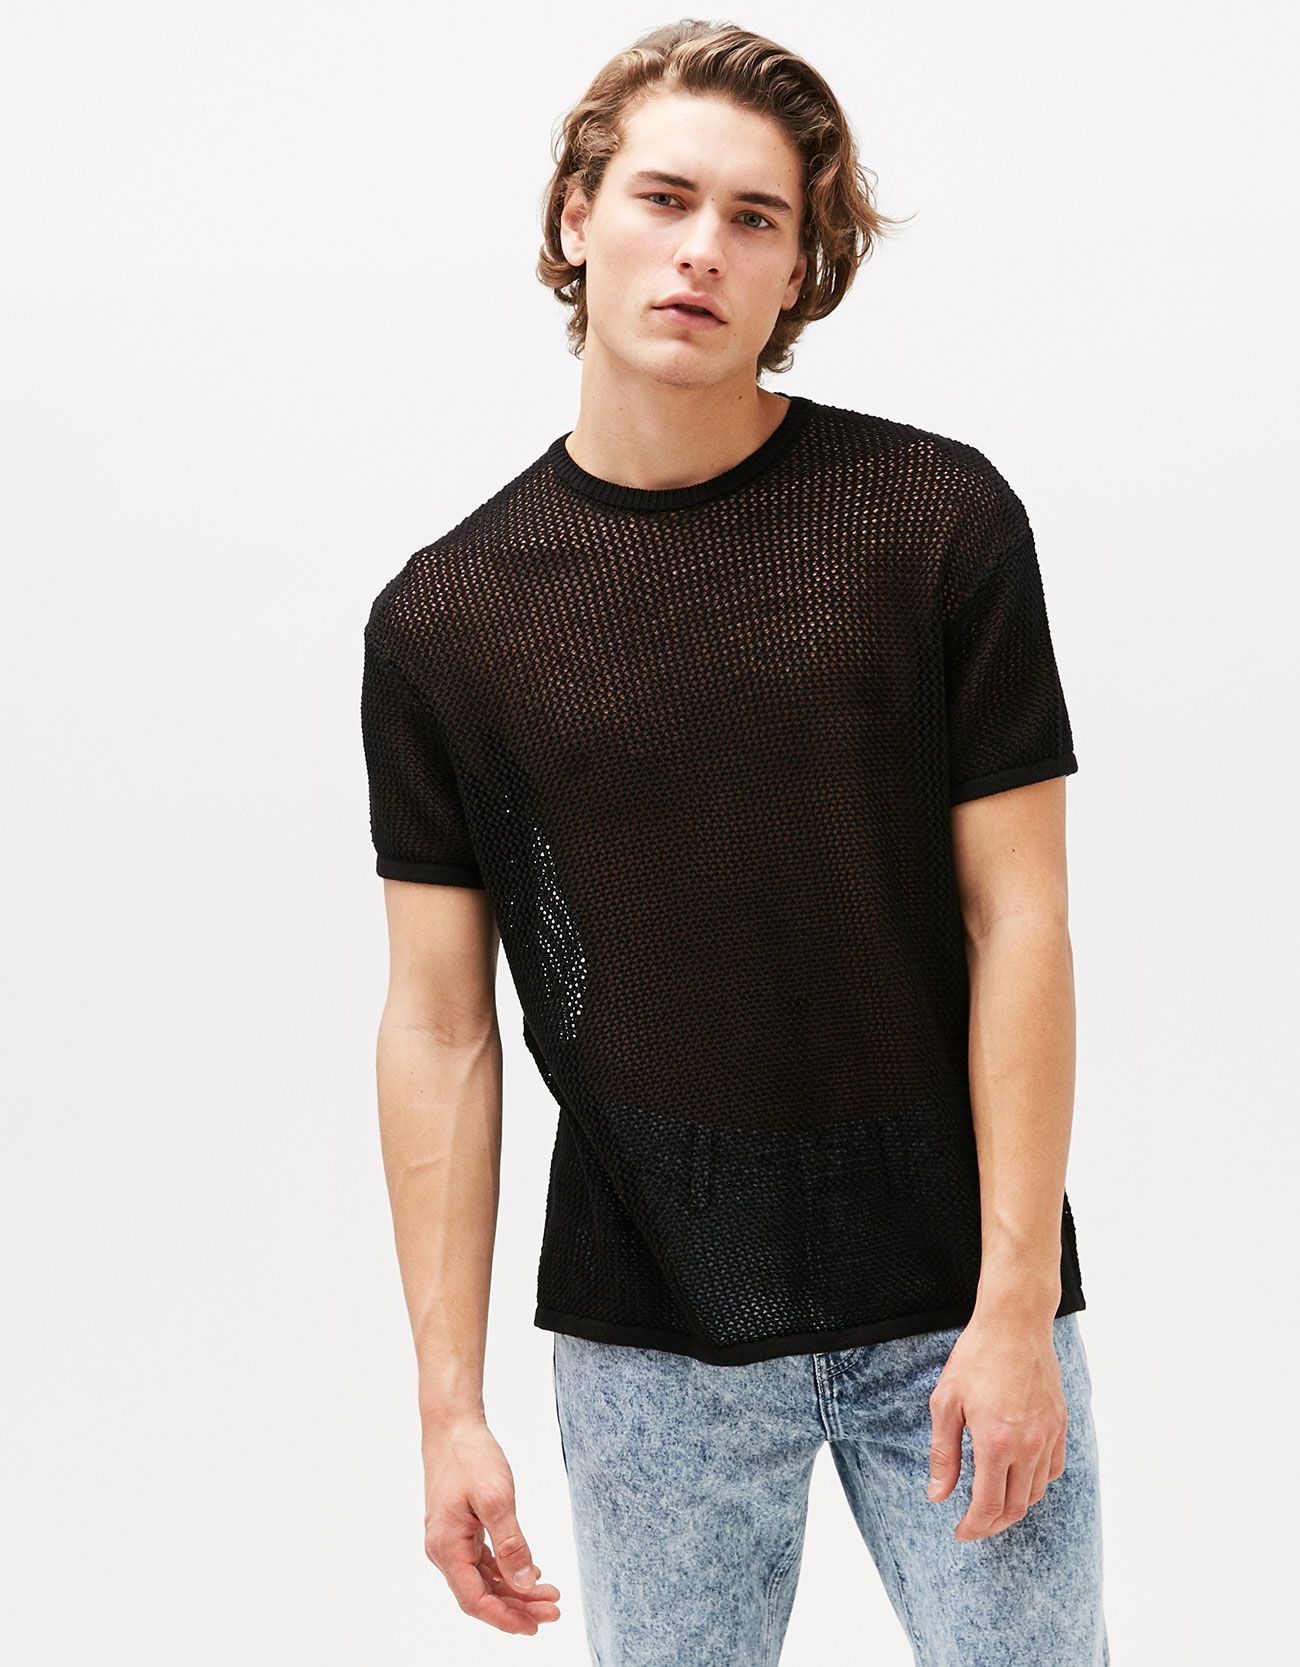 camiseta rejilla chico